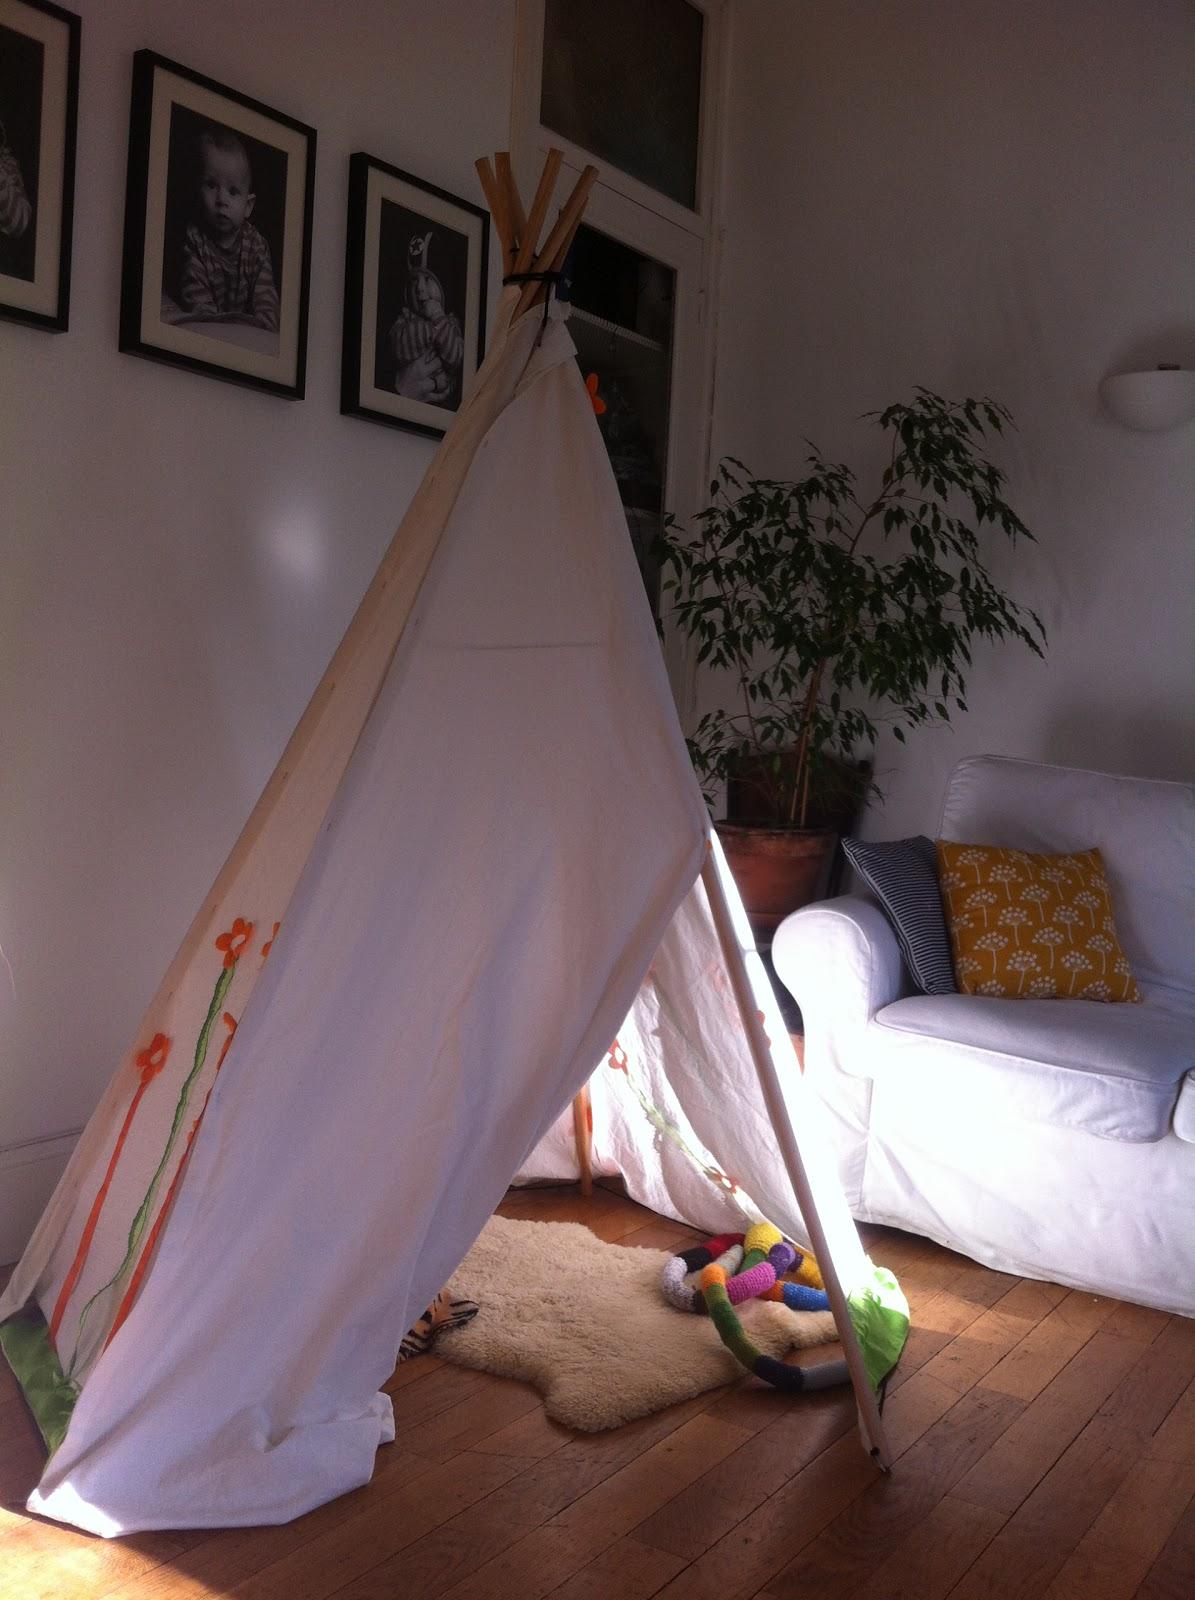 tipi kinderzimmer selber bauen indianer tipi zelt f rs kinderzimmer selber bauen kreative ideen. Black Bedroom Furniture Sets. Home Design Ideas